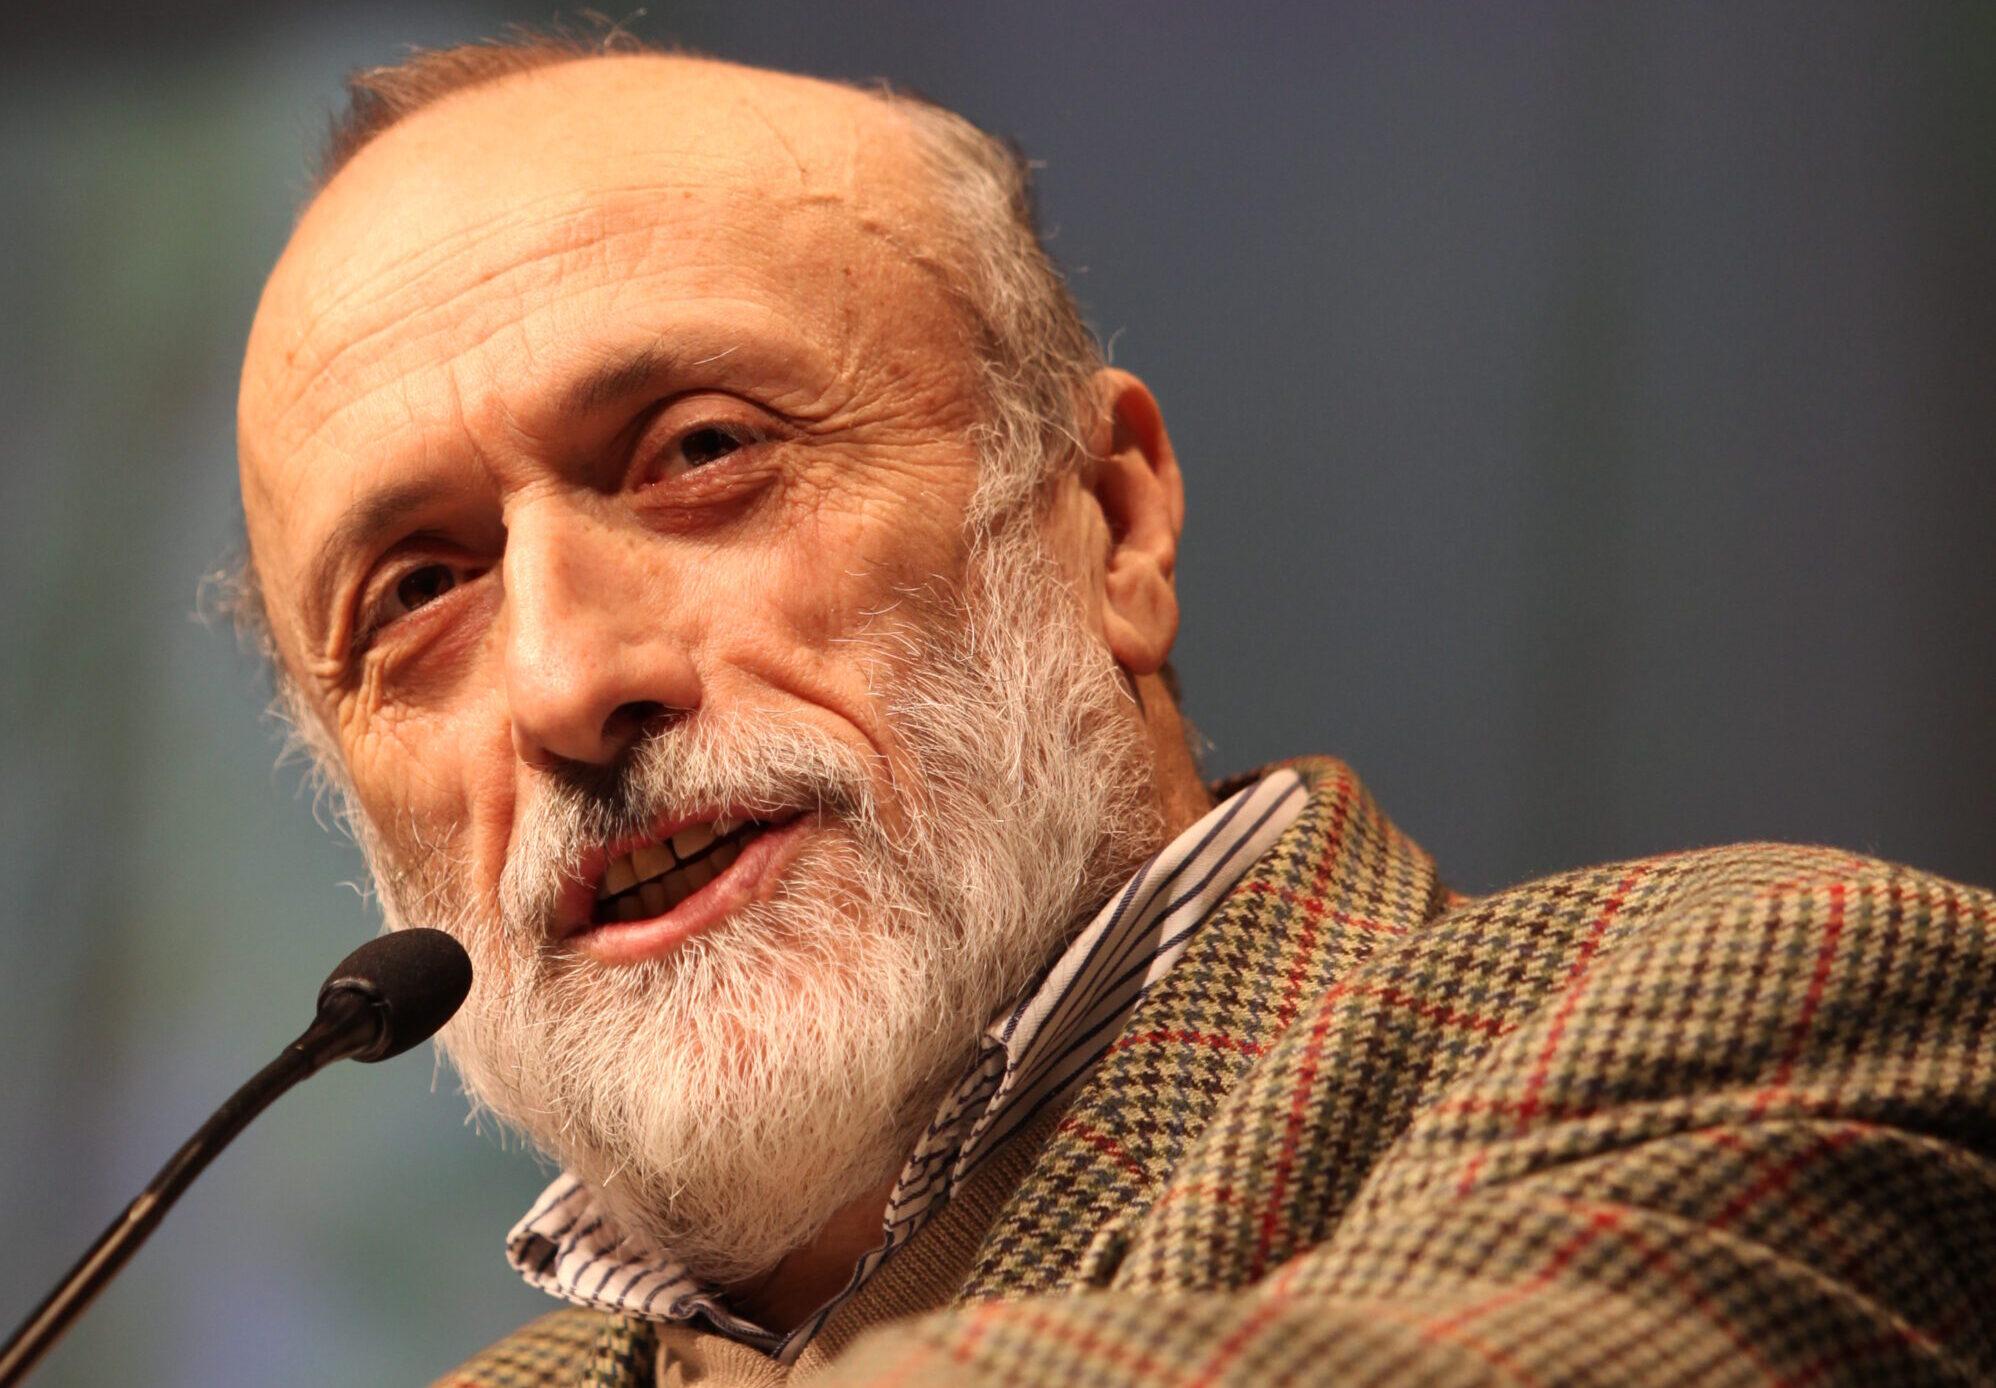 Carlo Petrini (La Stampa): «Trasformare il sistema alimentare per tutelare ambiente e diritti»